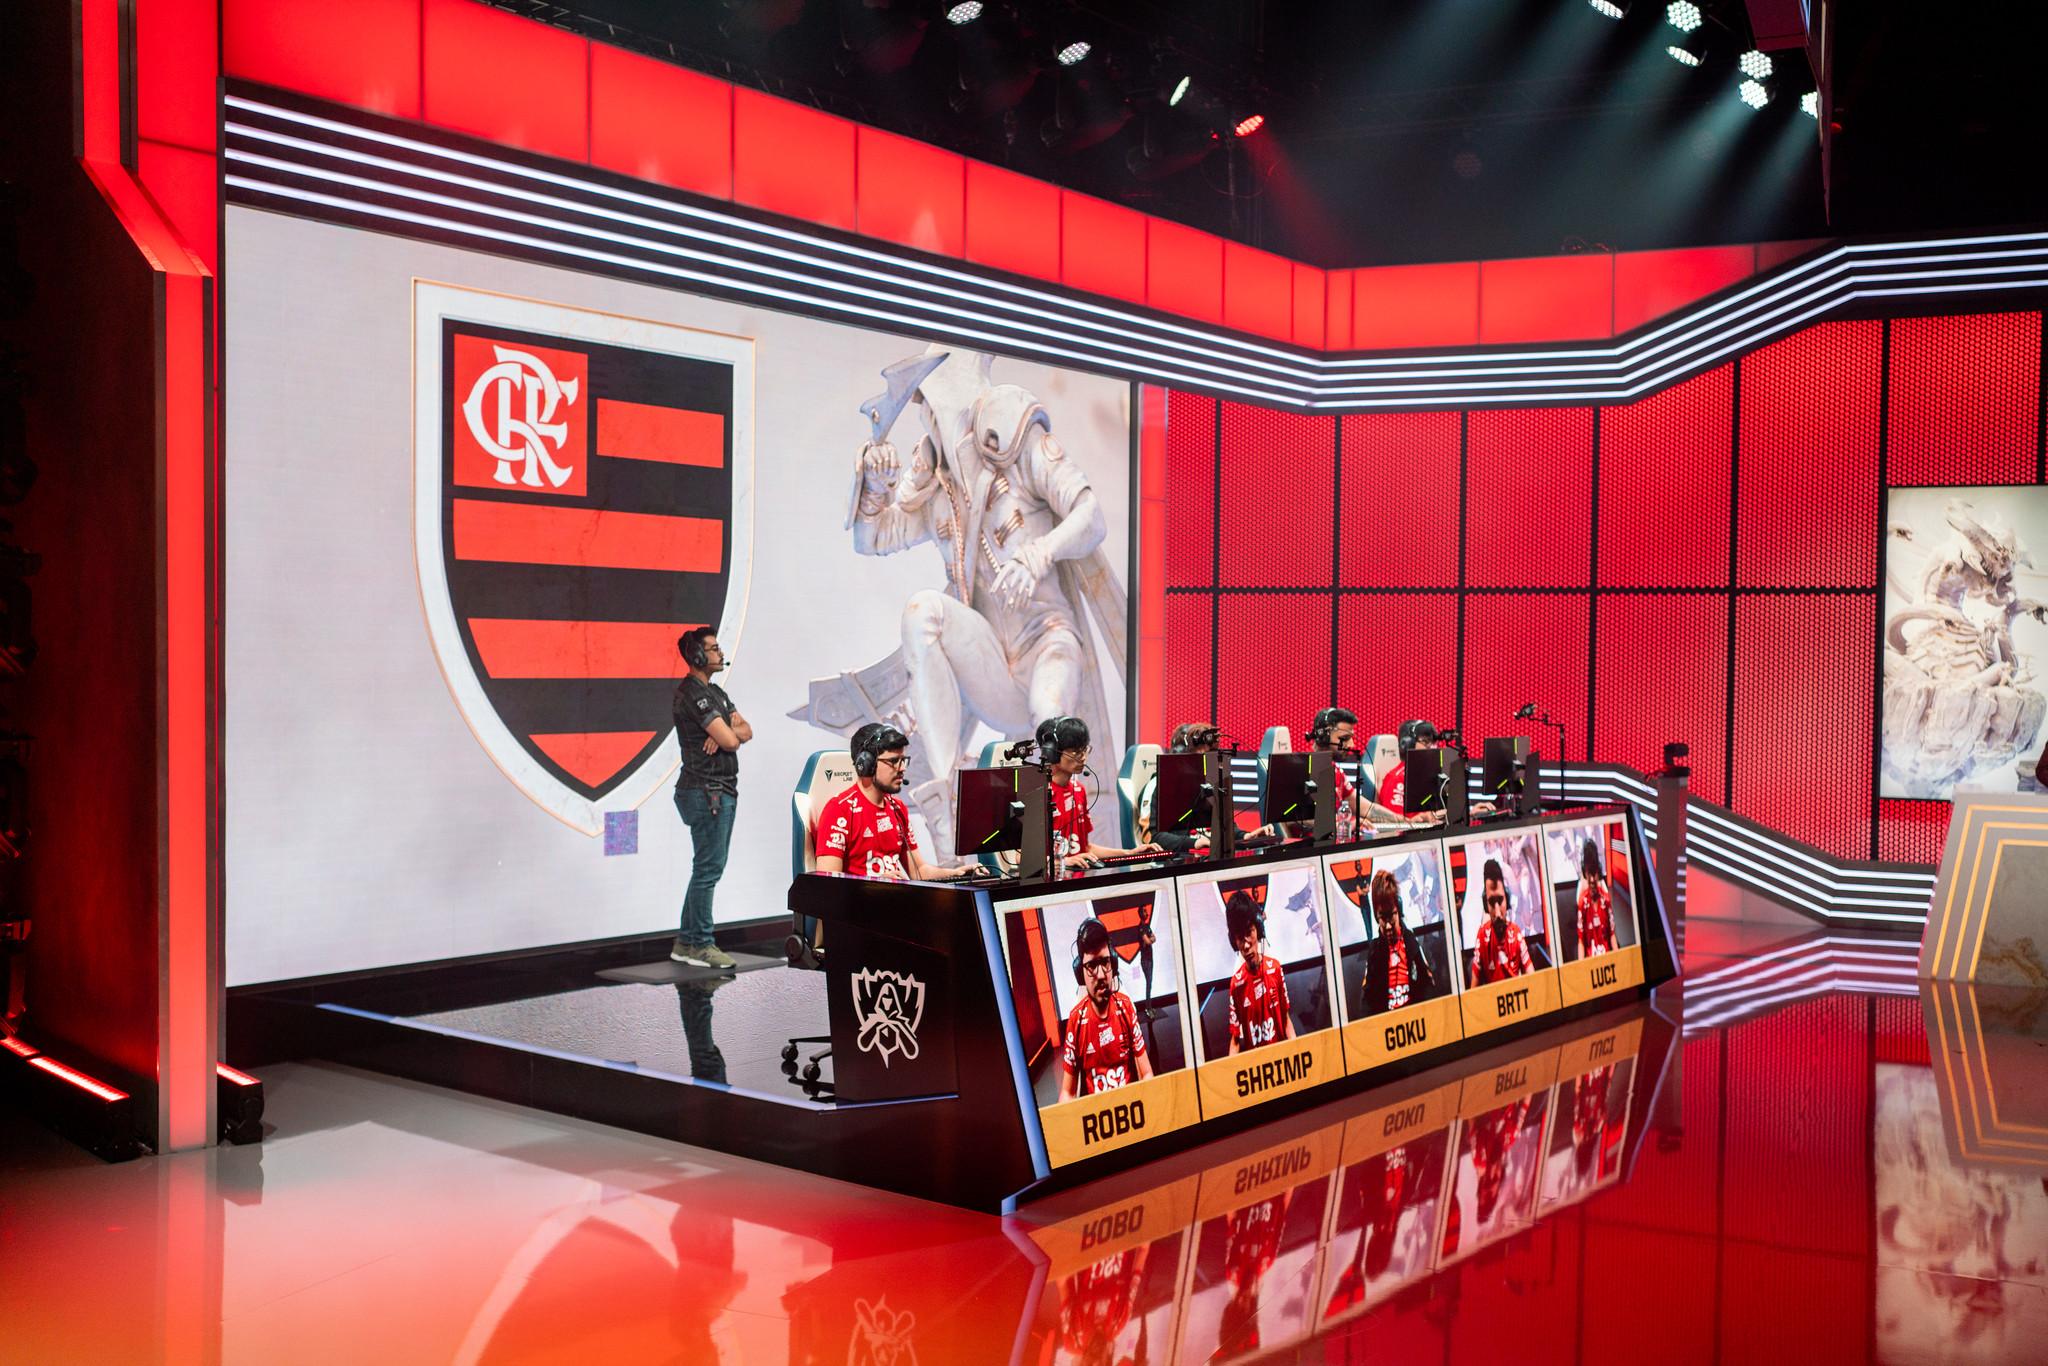 Lol Jogo Do Flamengo No Mundial 2019 Teve Pico De Mais De